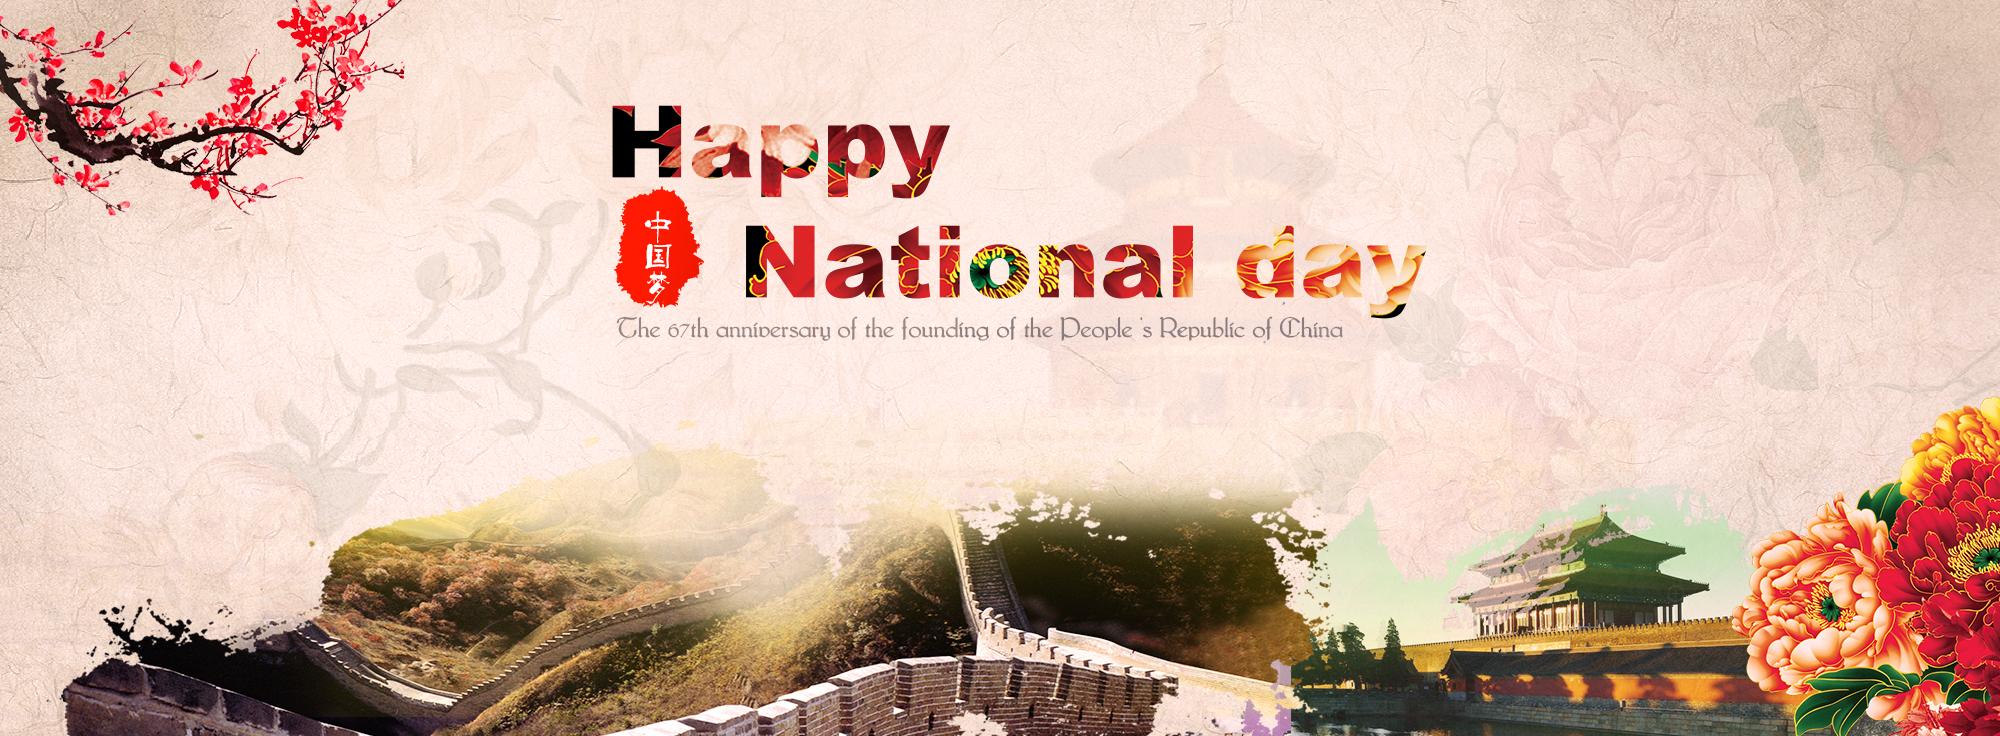 national day filltech